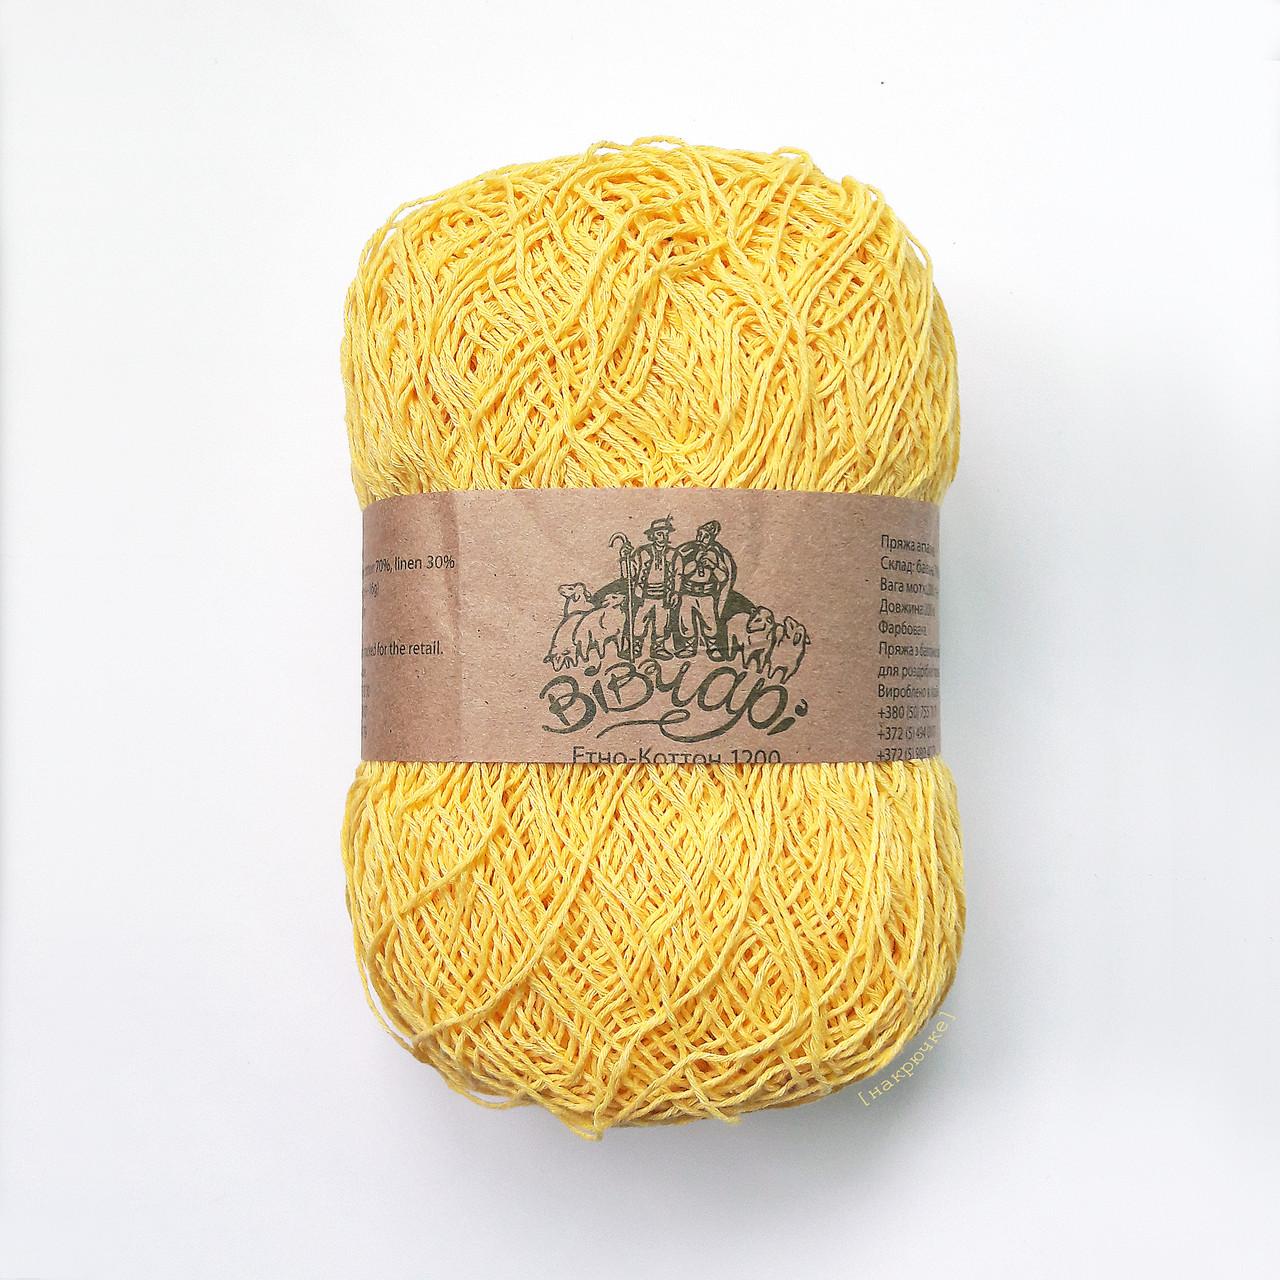 Пряжа для вязания летних вещей Vivchari Ethno-Cotton 1200, цвет 007 желтый